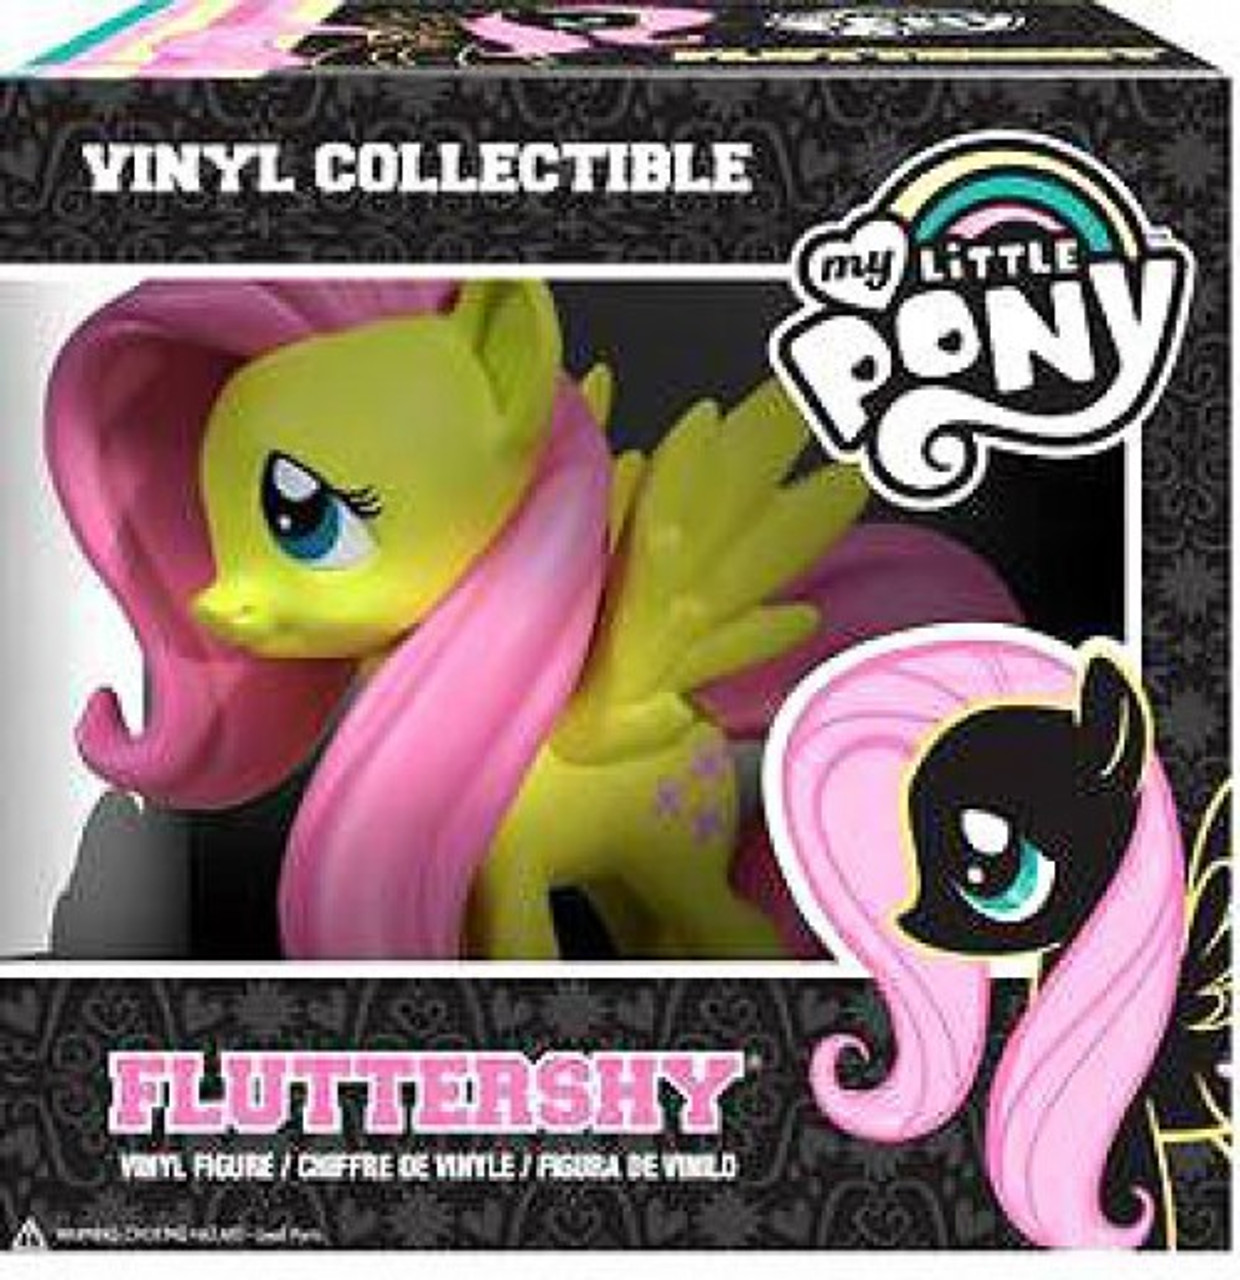 8e3050f7d4a Funko My Little Pony Vinyl Collectibles Fluttershy Vinyl Figure - ToyWiz